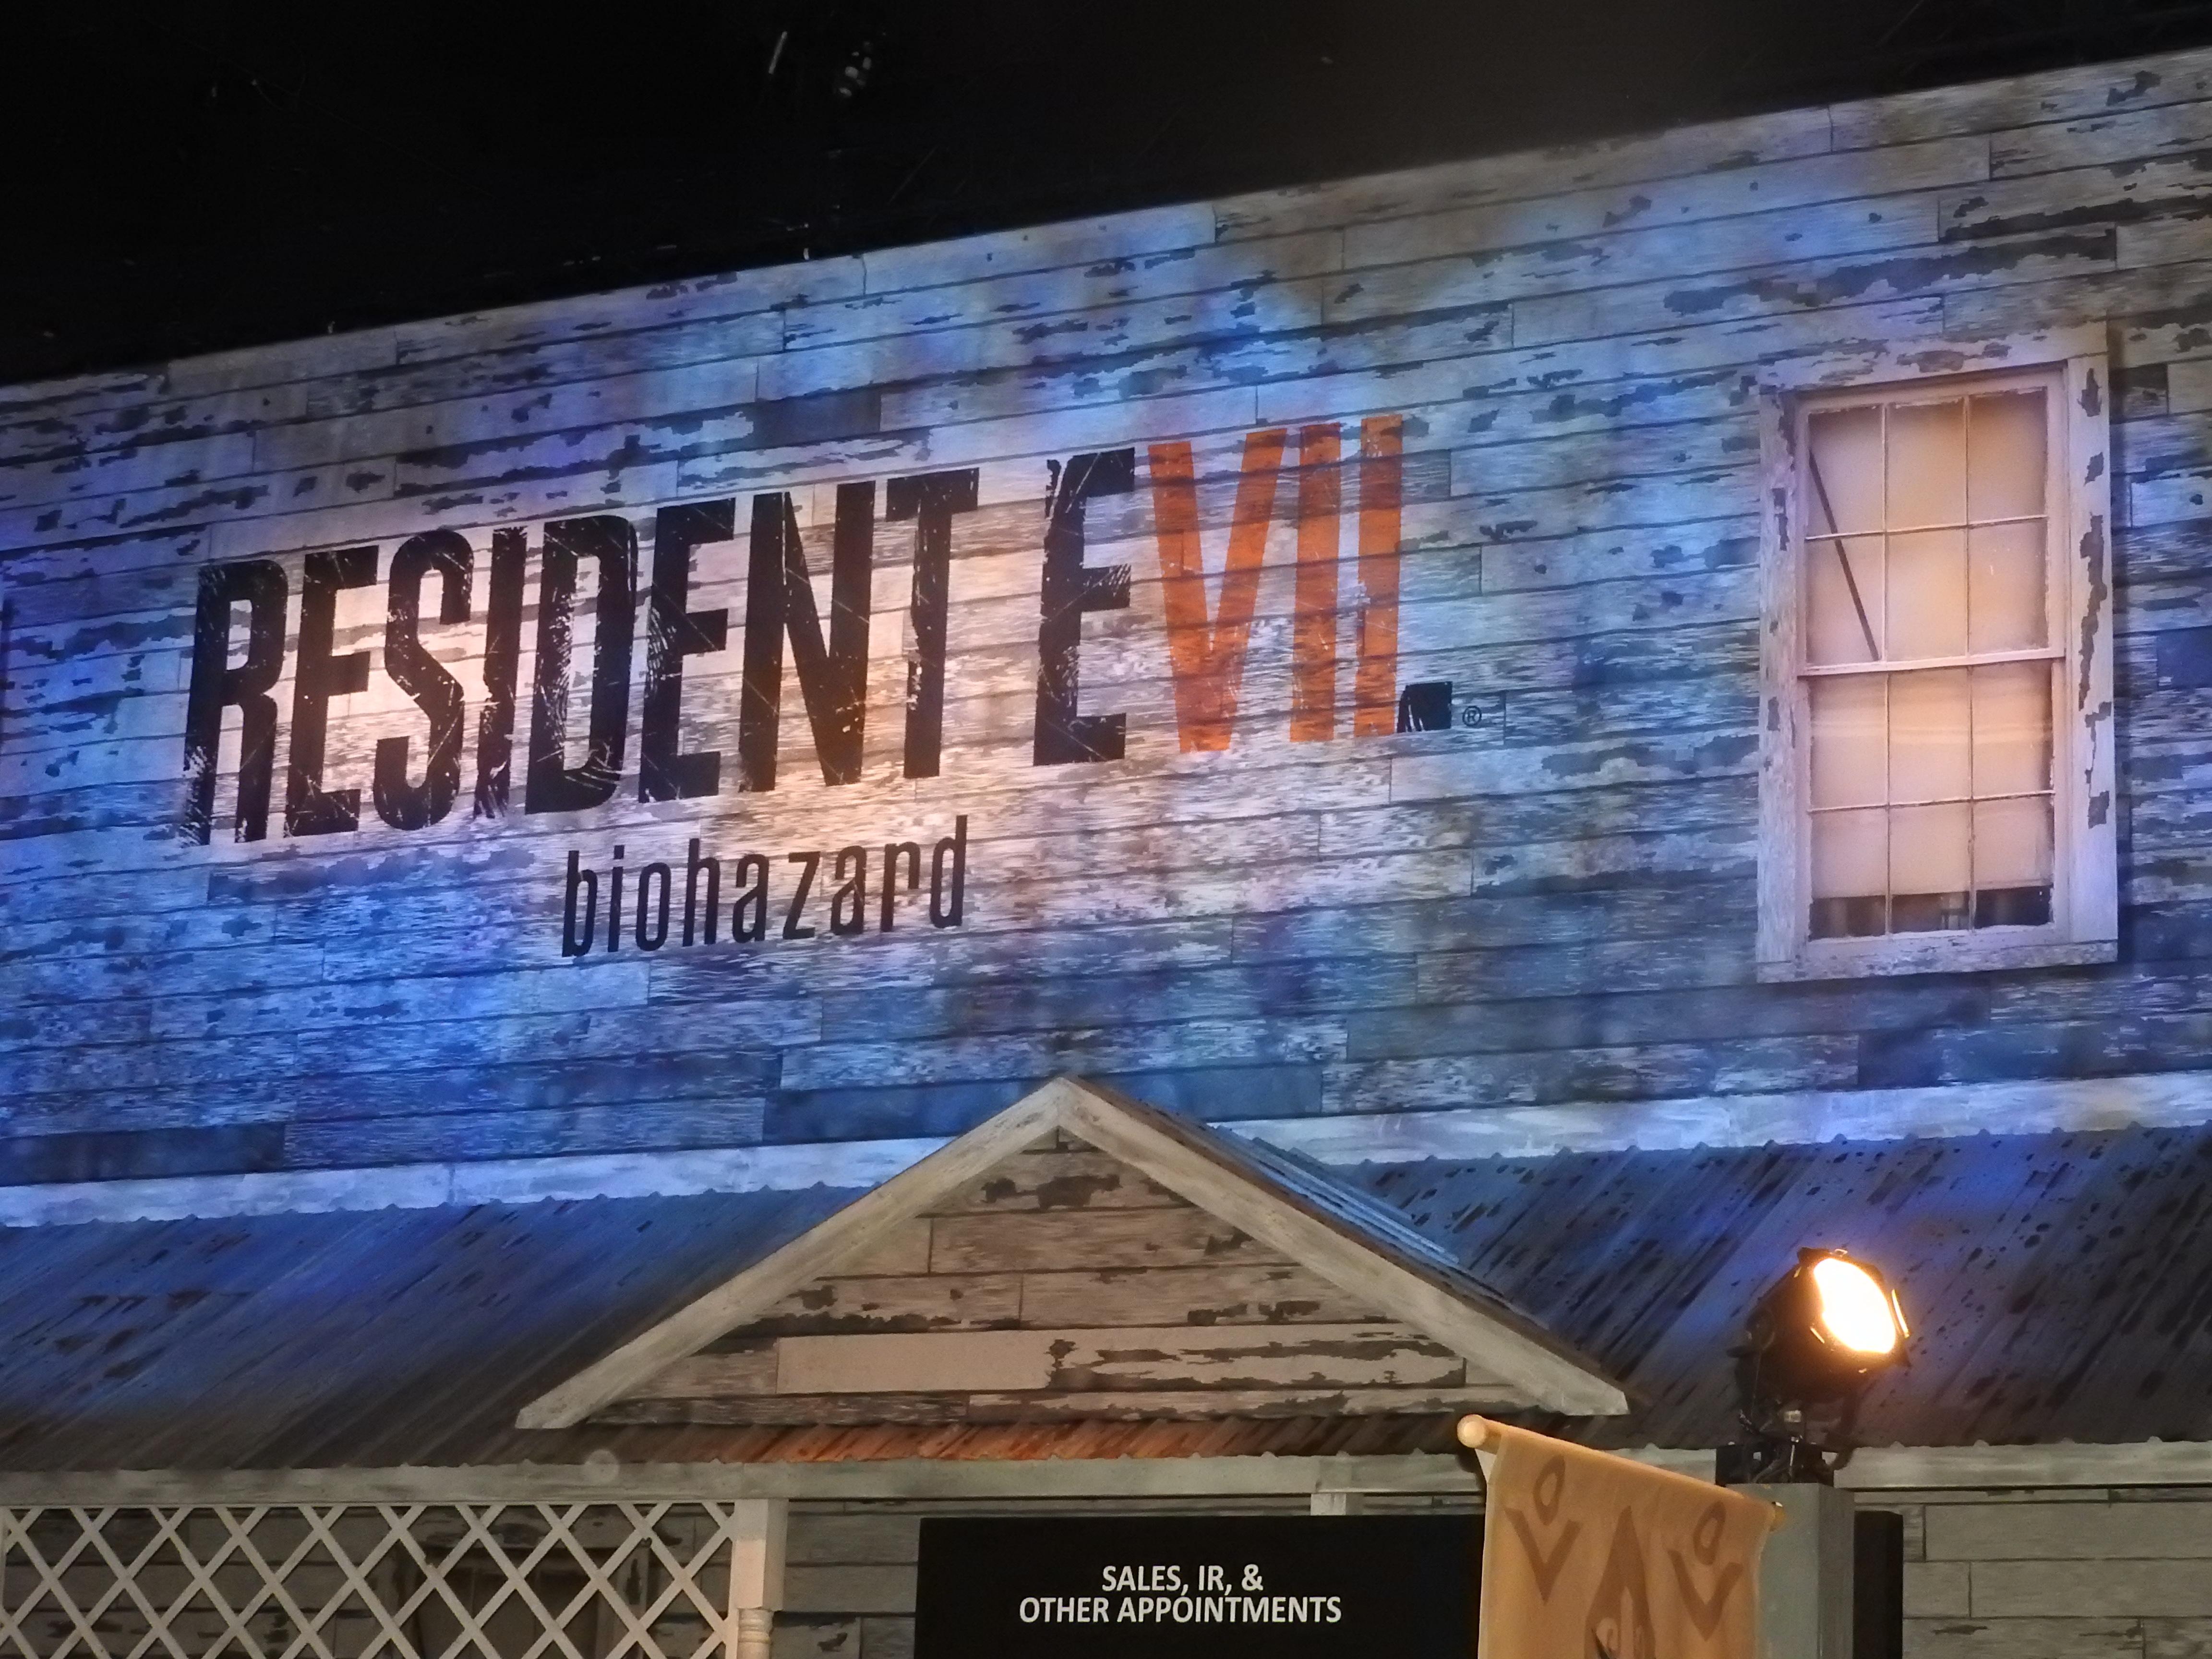 Capcom had Resident Evil Biohazard in VR.